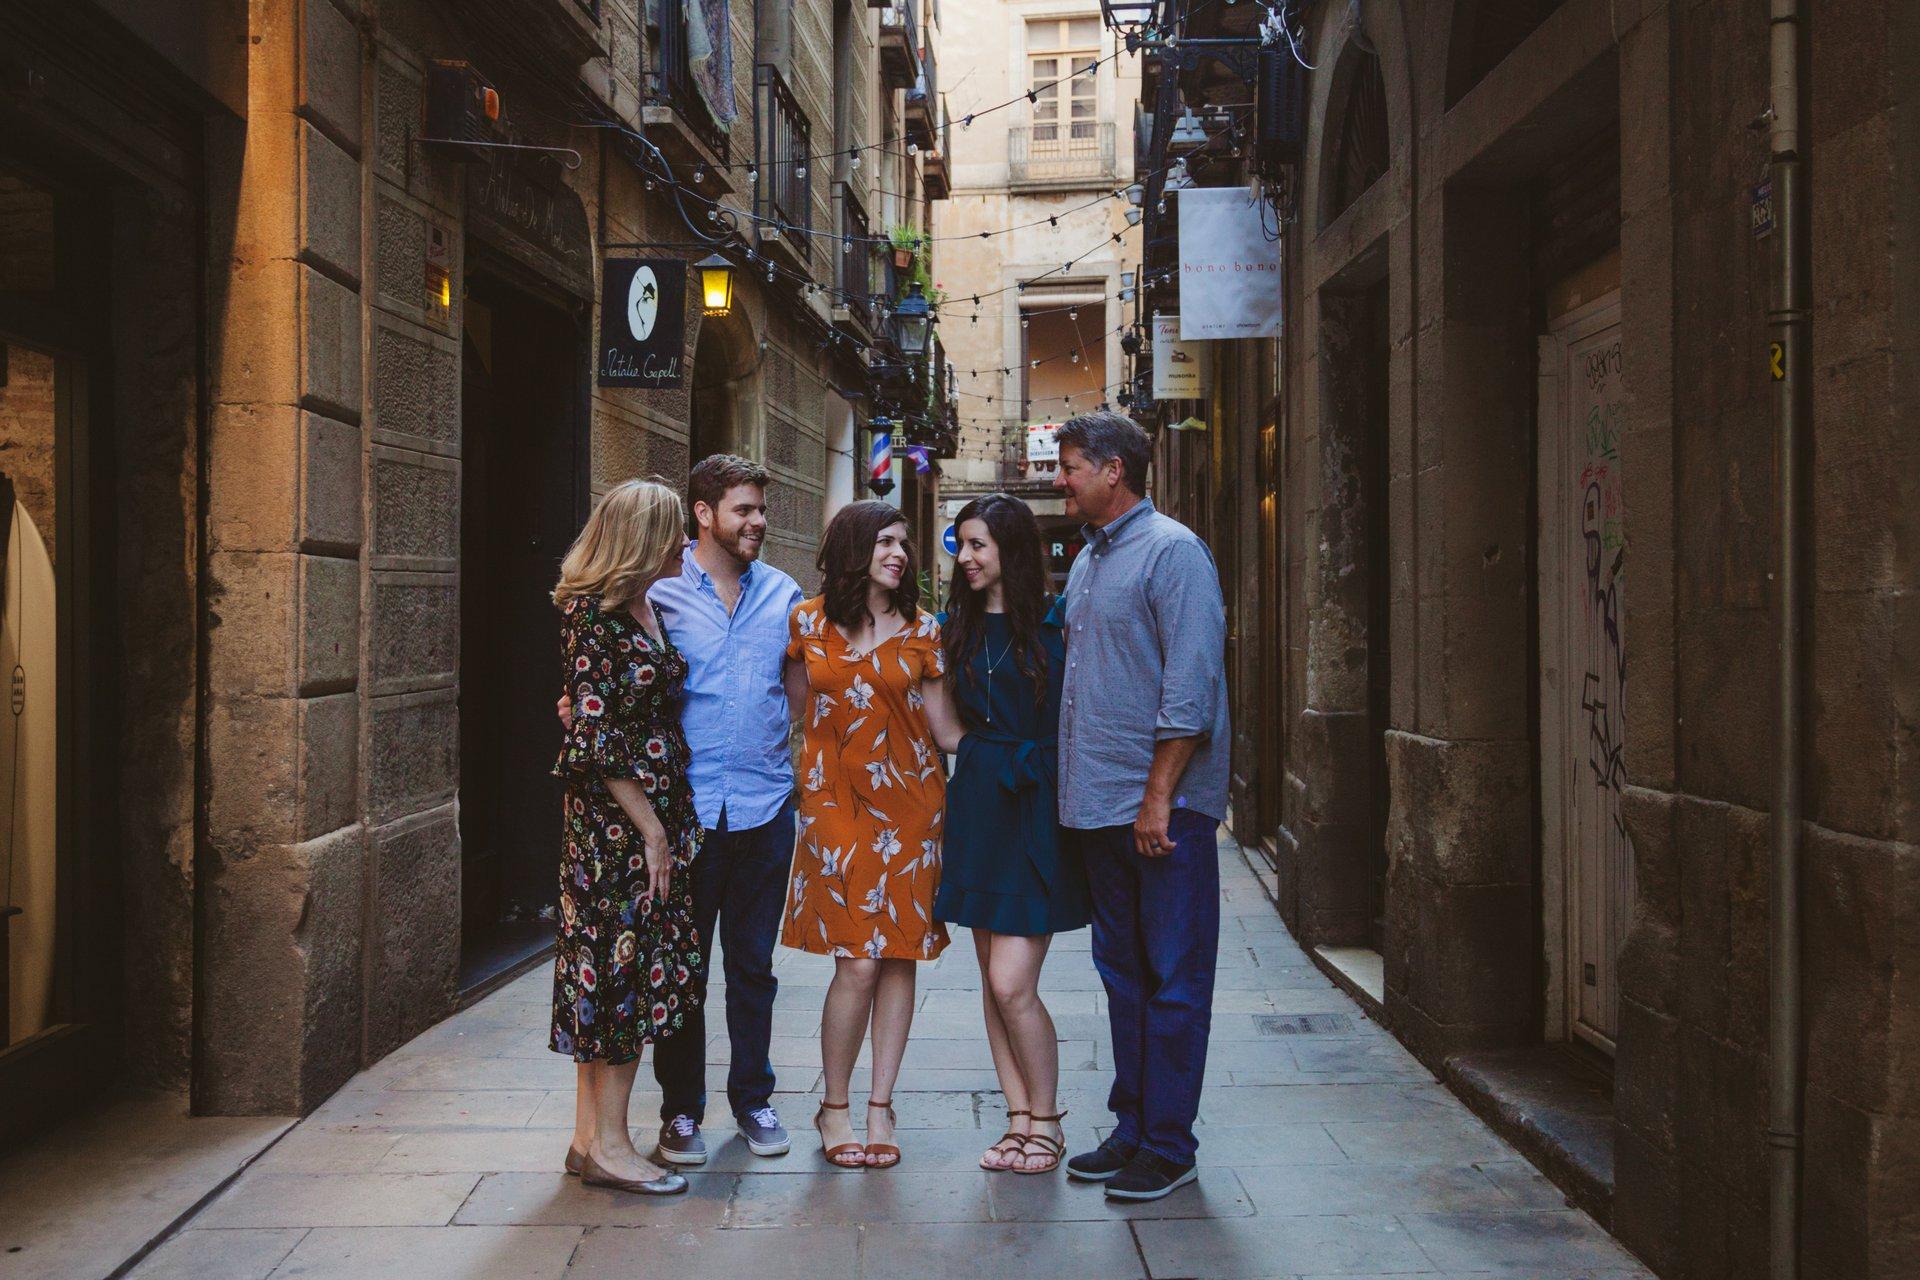 Barcelona-Spain-travel-story-Flytographer-8